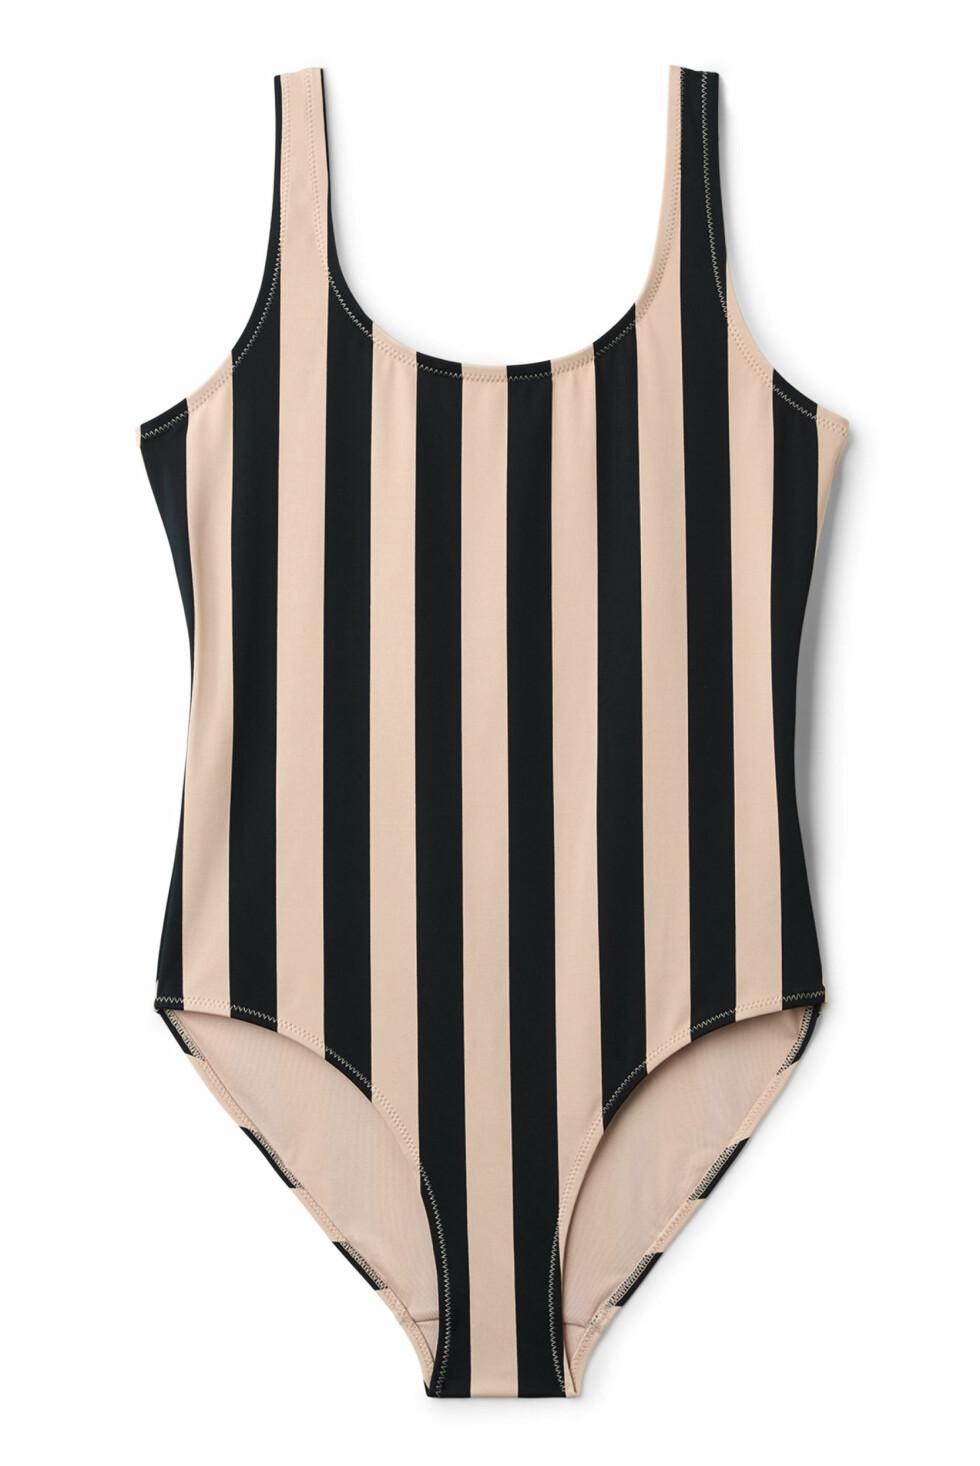 Stripete badedrakt fra Weekday |300,-| https://www.weekday.com/en_sek/women/categories/swimwear/one-pieces/product.day-striped-swimsuit-black.0584052001.html